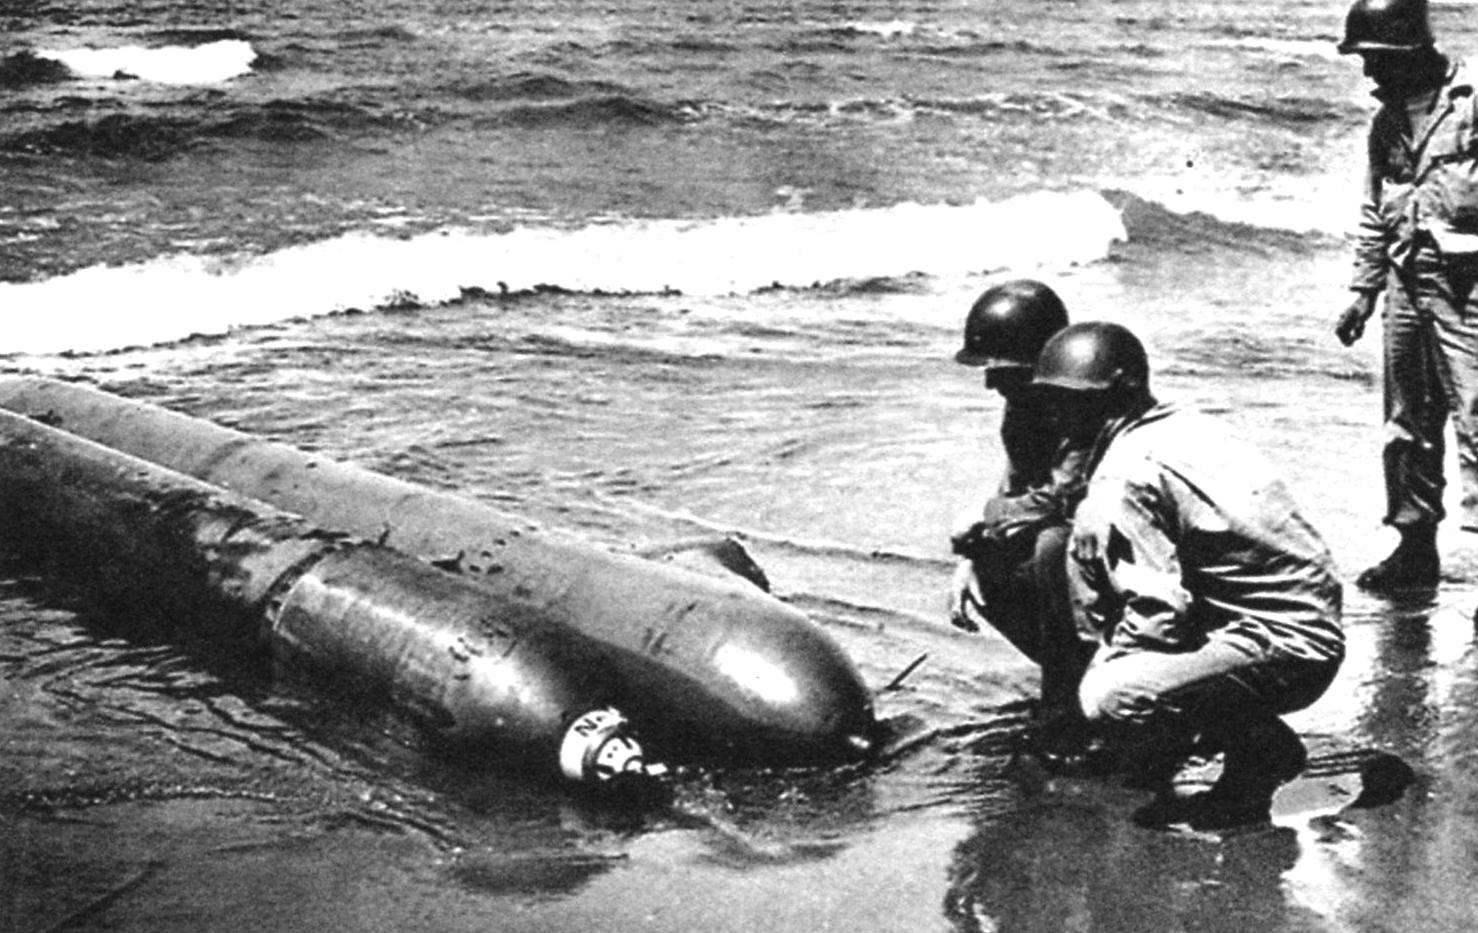 Американские солдаты рассматривают торпеду Neger, выброшенную на берег близ Анцио. У этого снимка есть противоречивые толкования: немцы утверждают, что это торпеда погибшего пилота (все остальные были уничтожены), американцы пишут, что торпеду бросили по халатности, не сумев спустить на глубокую воду